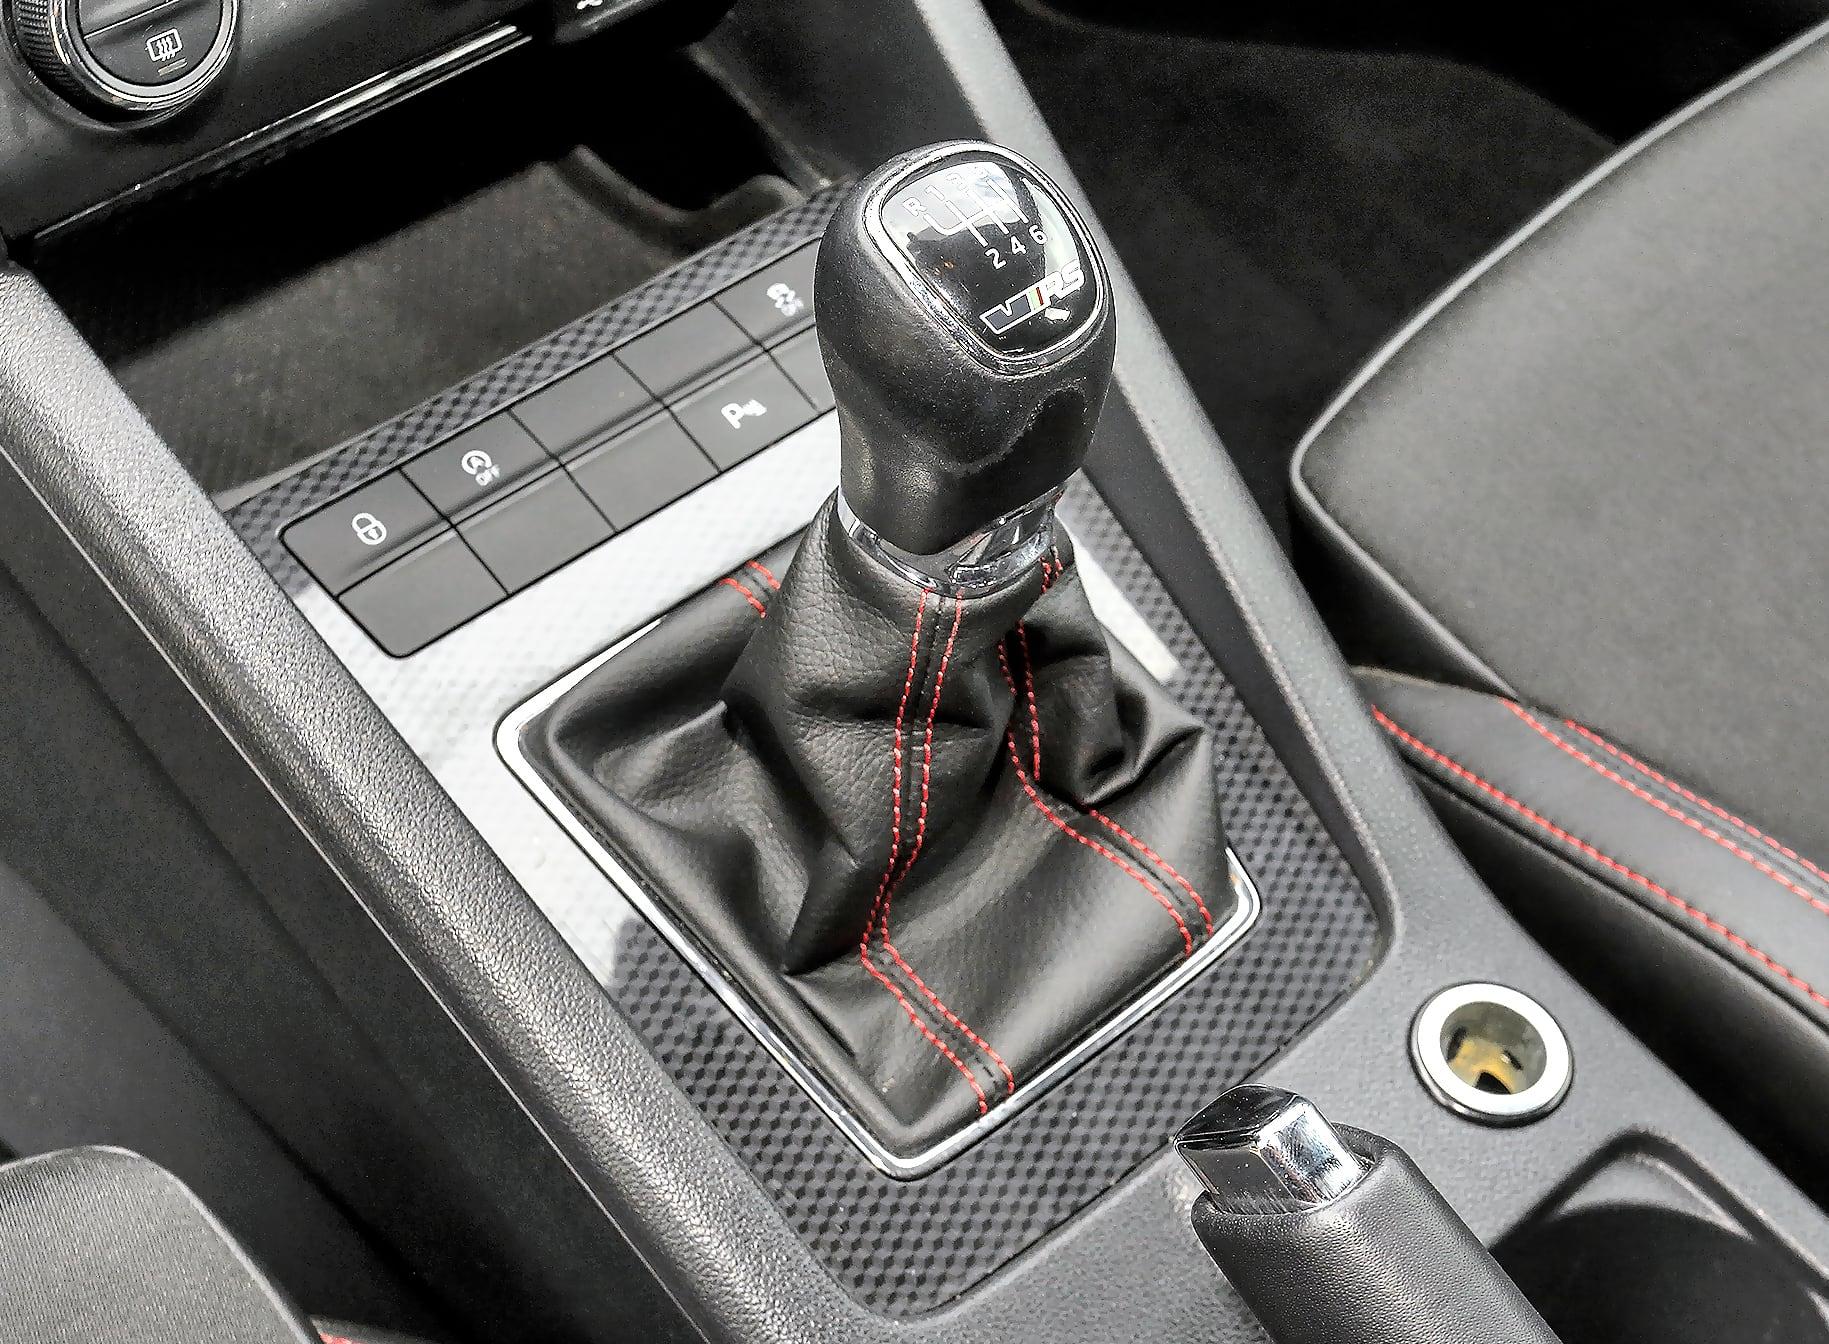 Skoda Octavia III RS 2.0 TDI dźwignia zmiany biegów